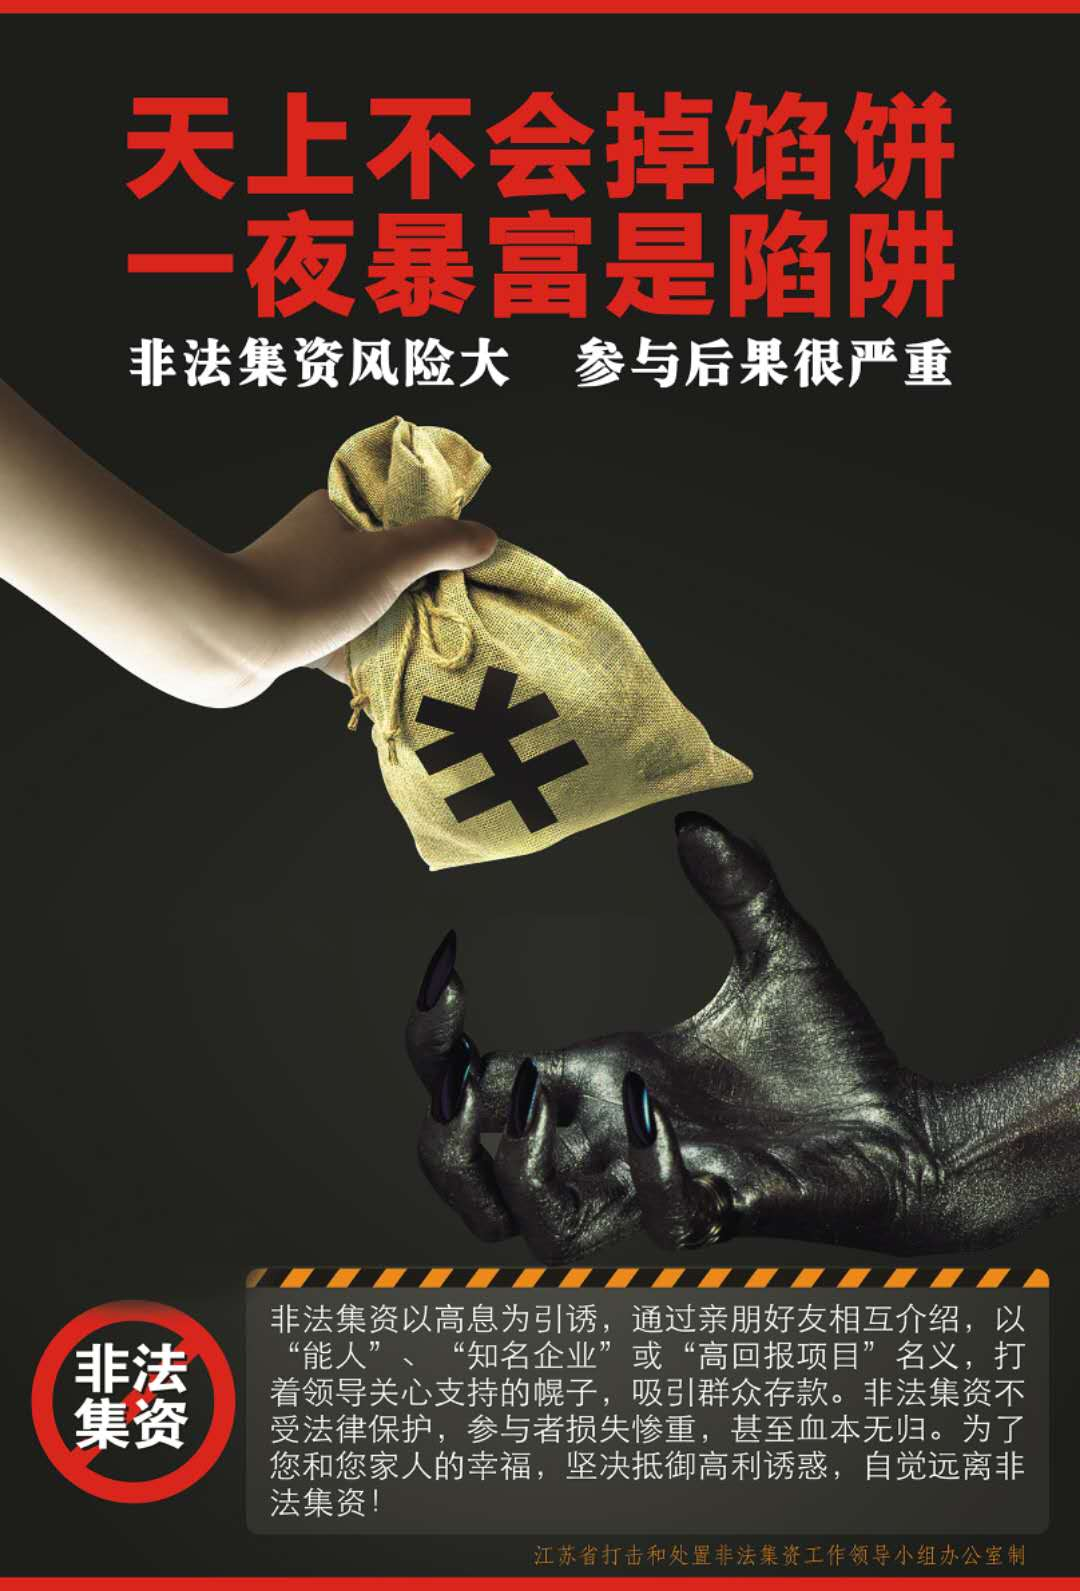 江苏12345在线非法集资等非法金融活动 举报平台正式上线